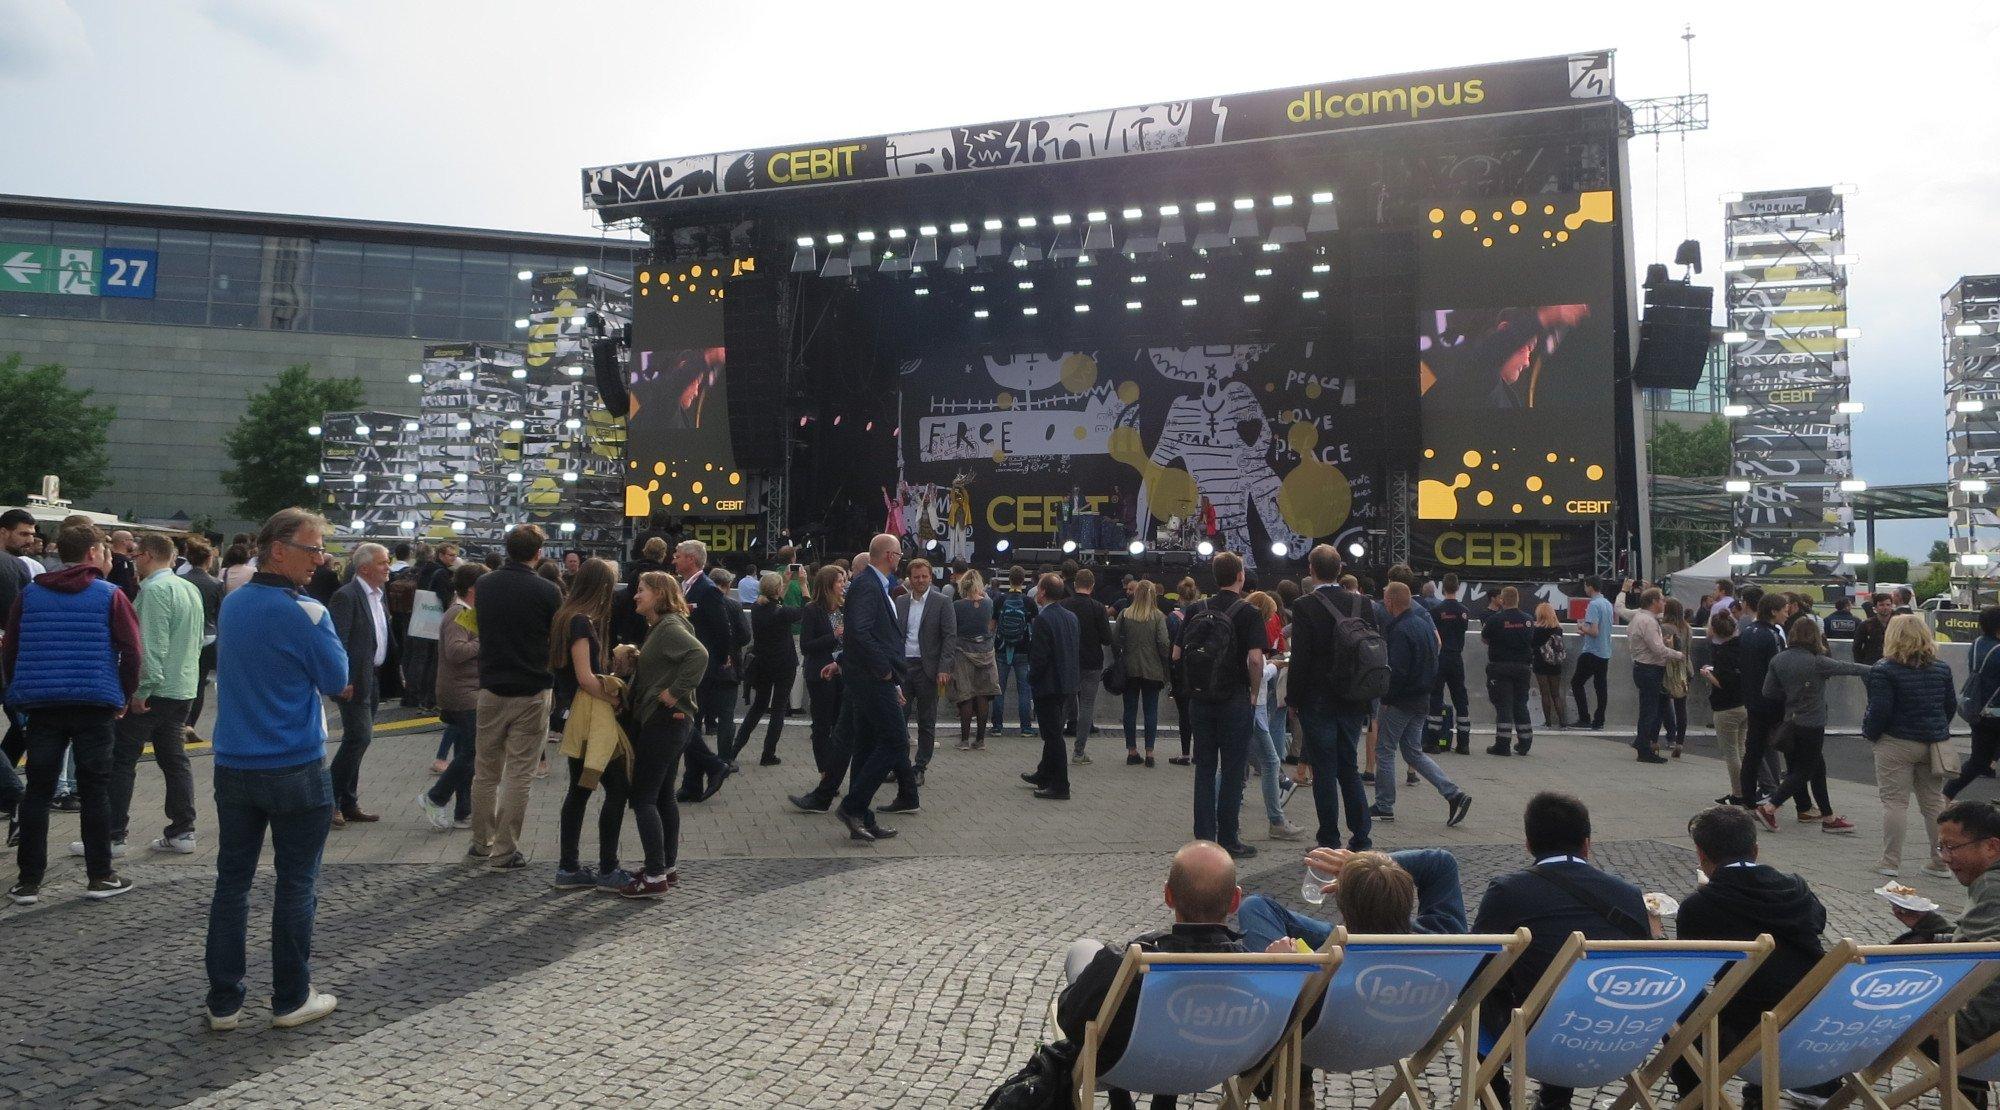 Superorganism auf der Cebit-Bühne: Super Band, doch nur wenige interessiert es (Bild: Peter Giesecke)